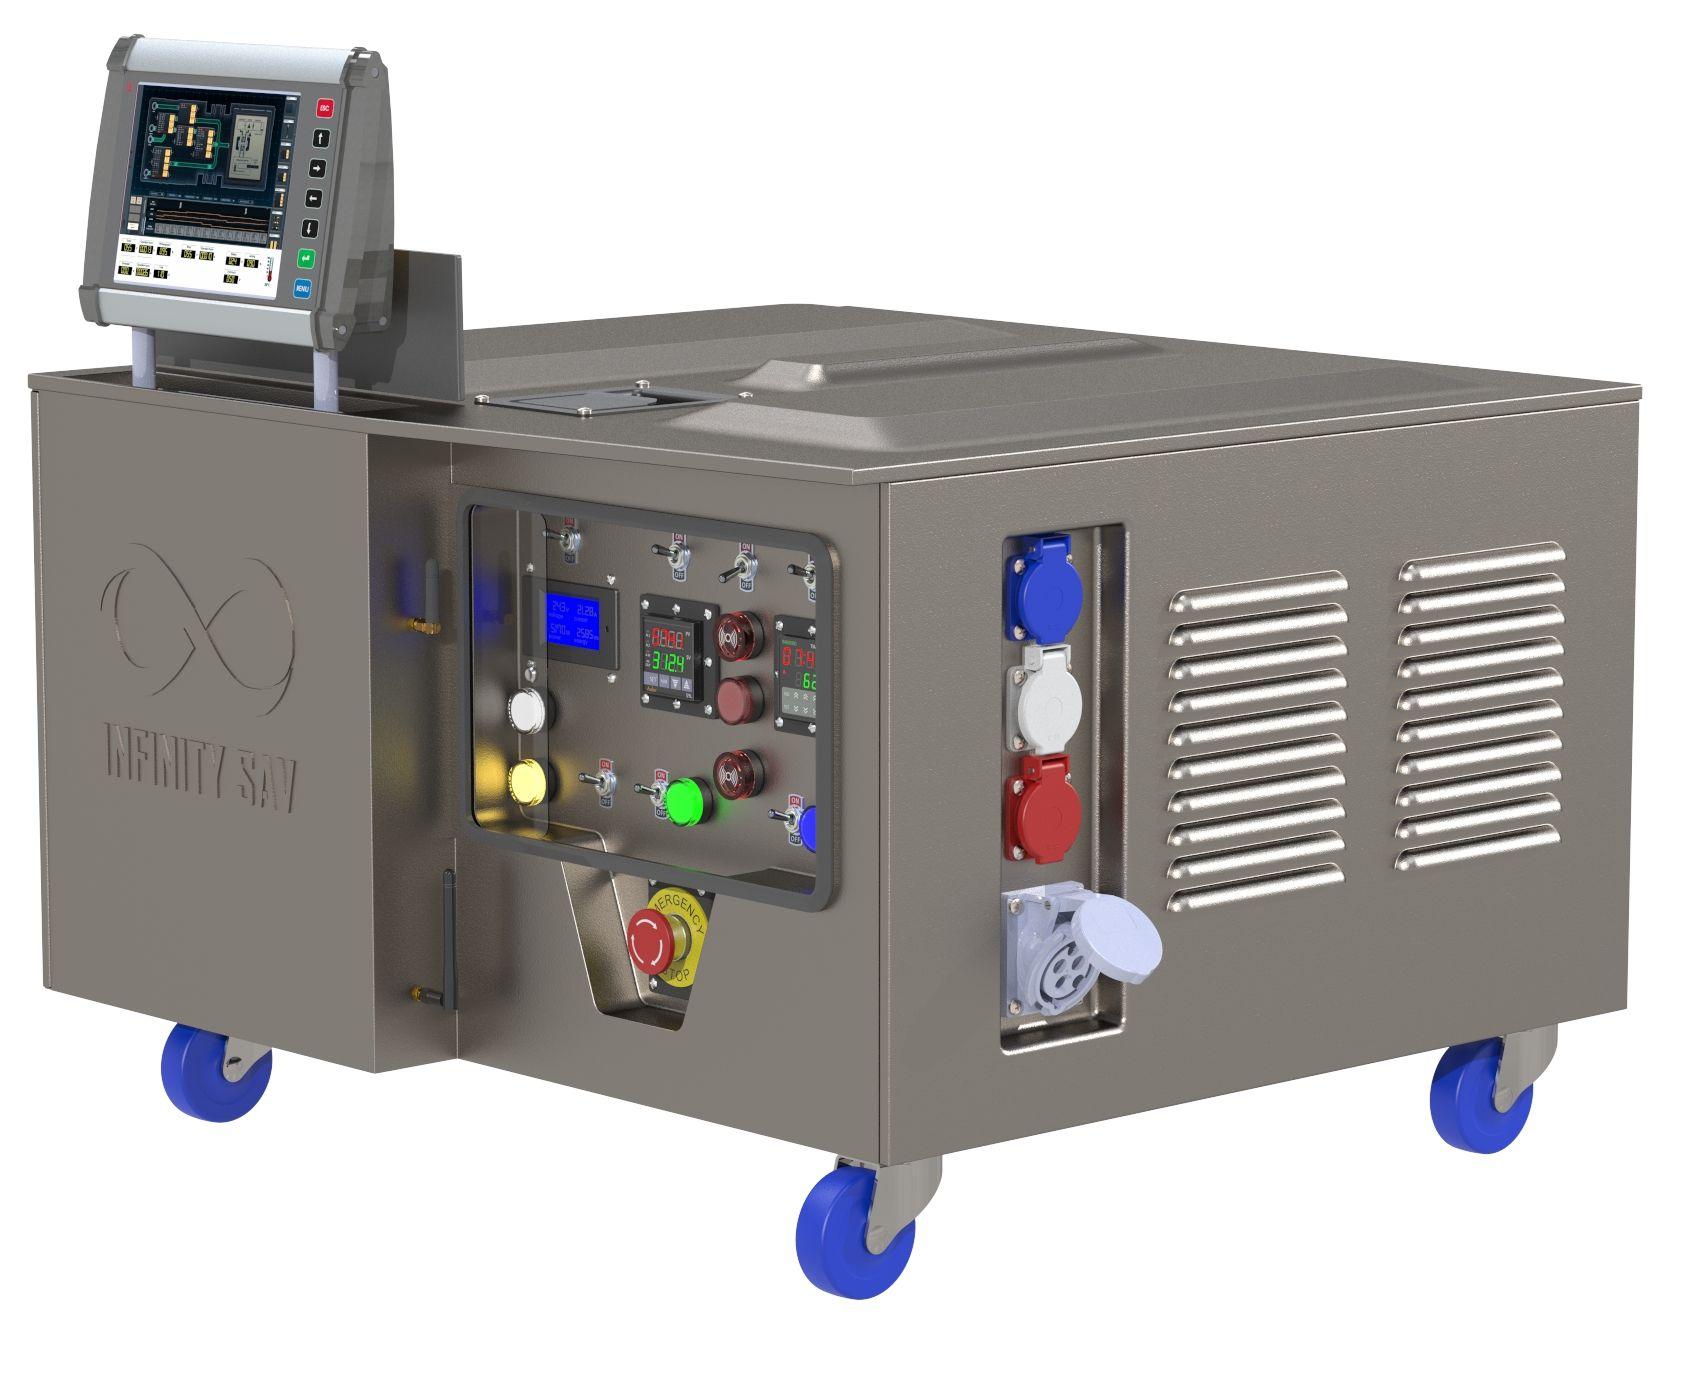 10kw Magnetic Generator Infinity Sav Magnetic Generator Free Energy Generator Generation